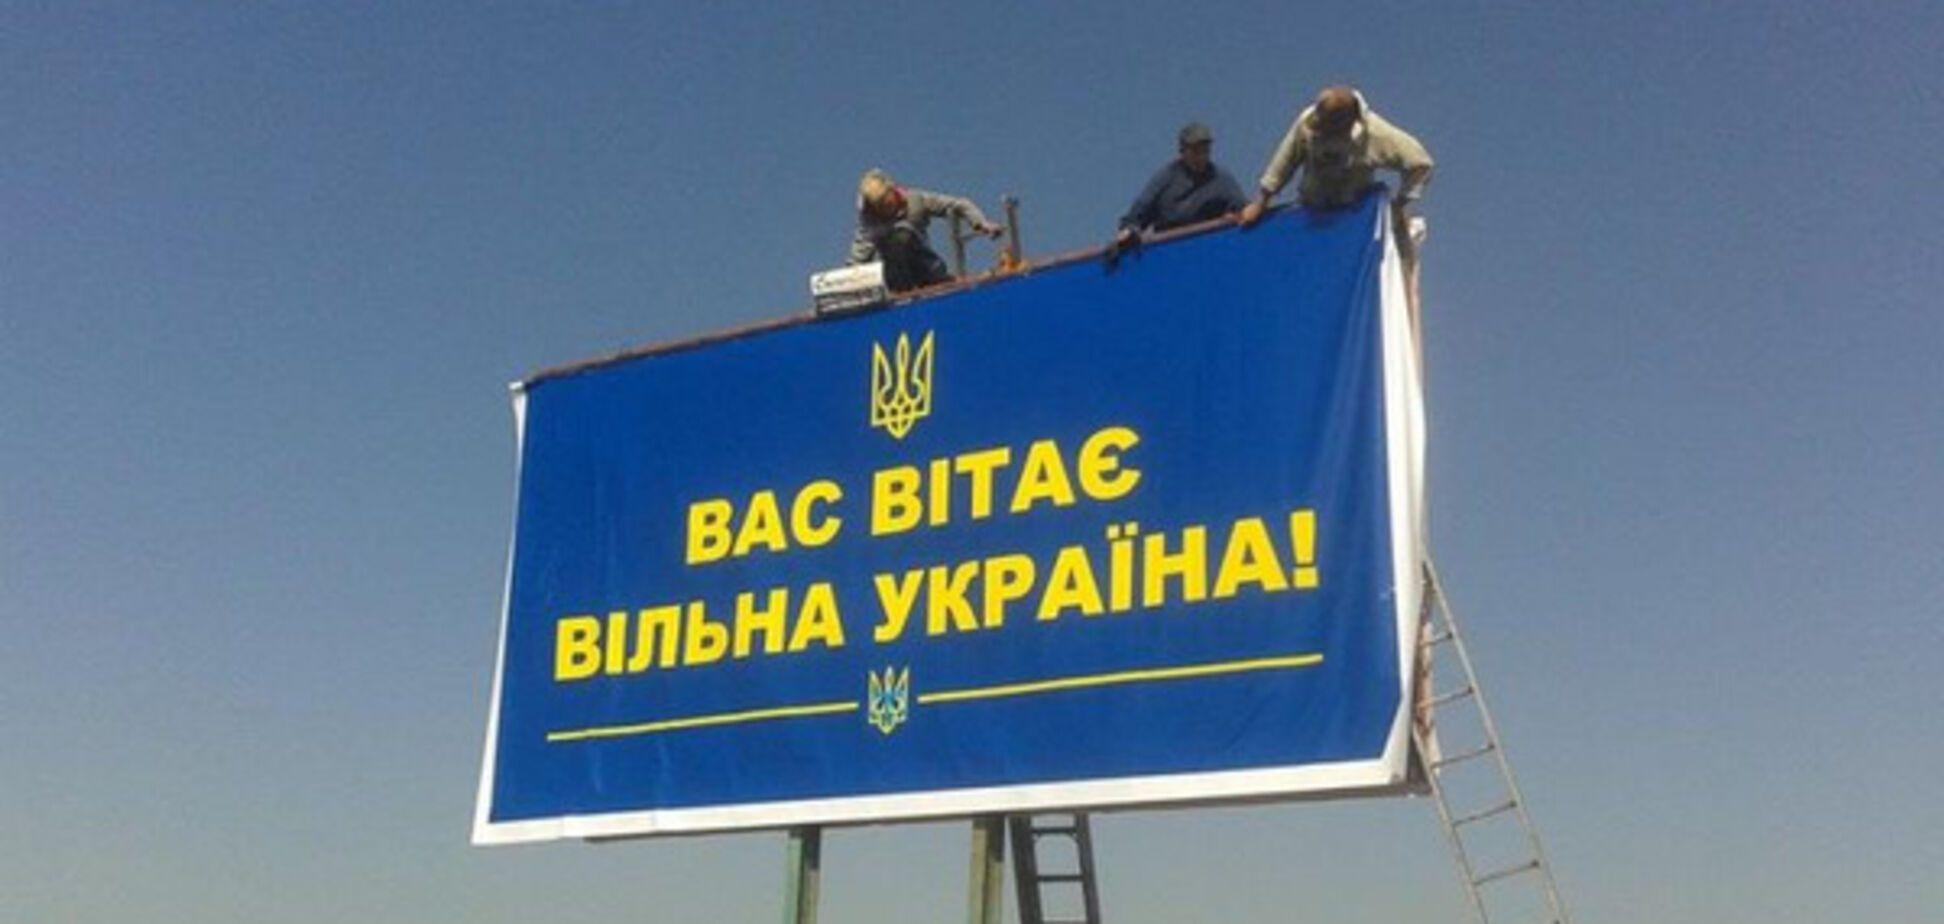 Бигборд \'Вас вітає вільна Україна\'